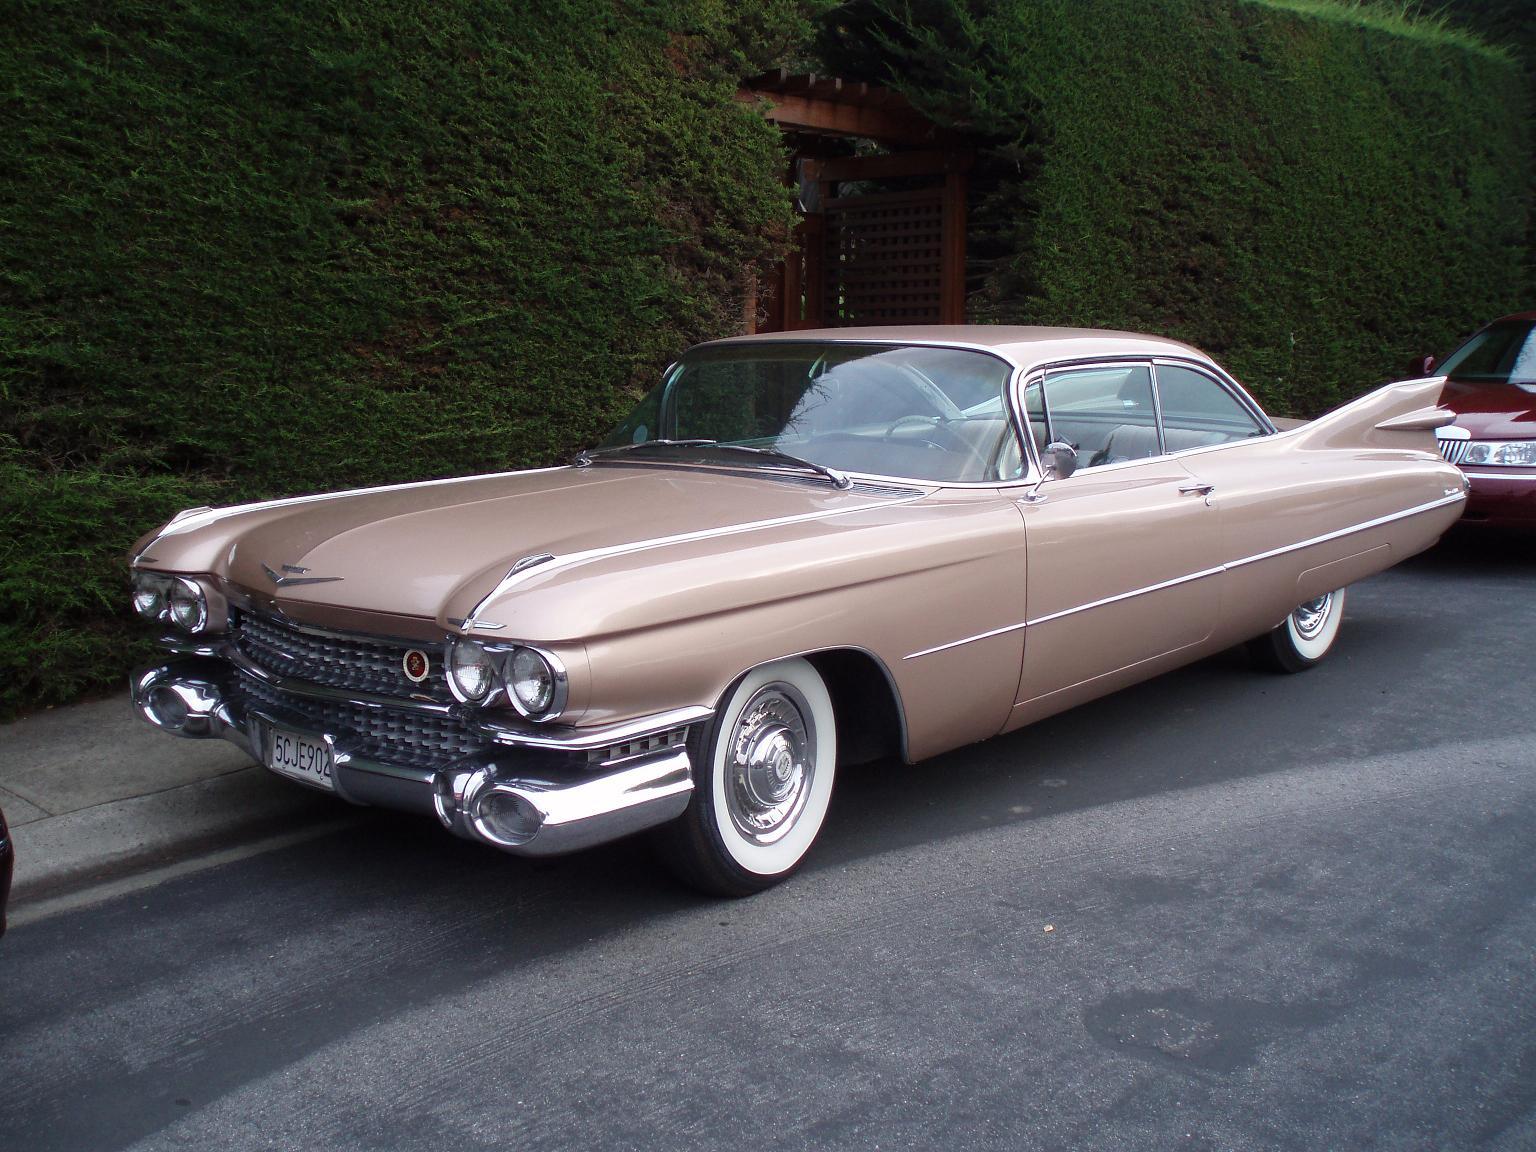 Cadillac Modelos Antiguos >> Coches Clásicos Americanos. Autos Antiguos.: junio 2010